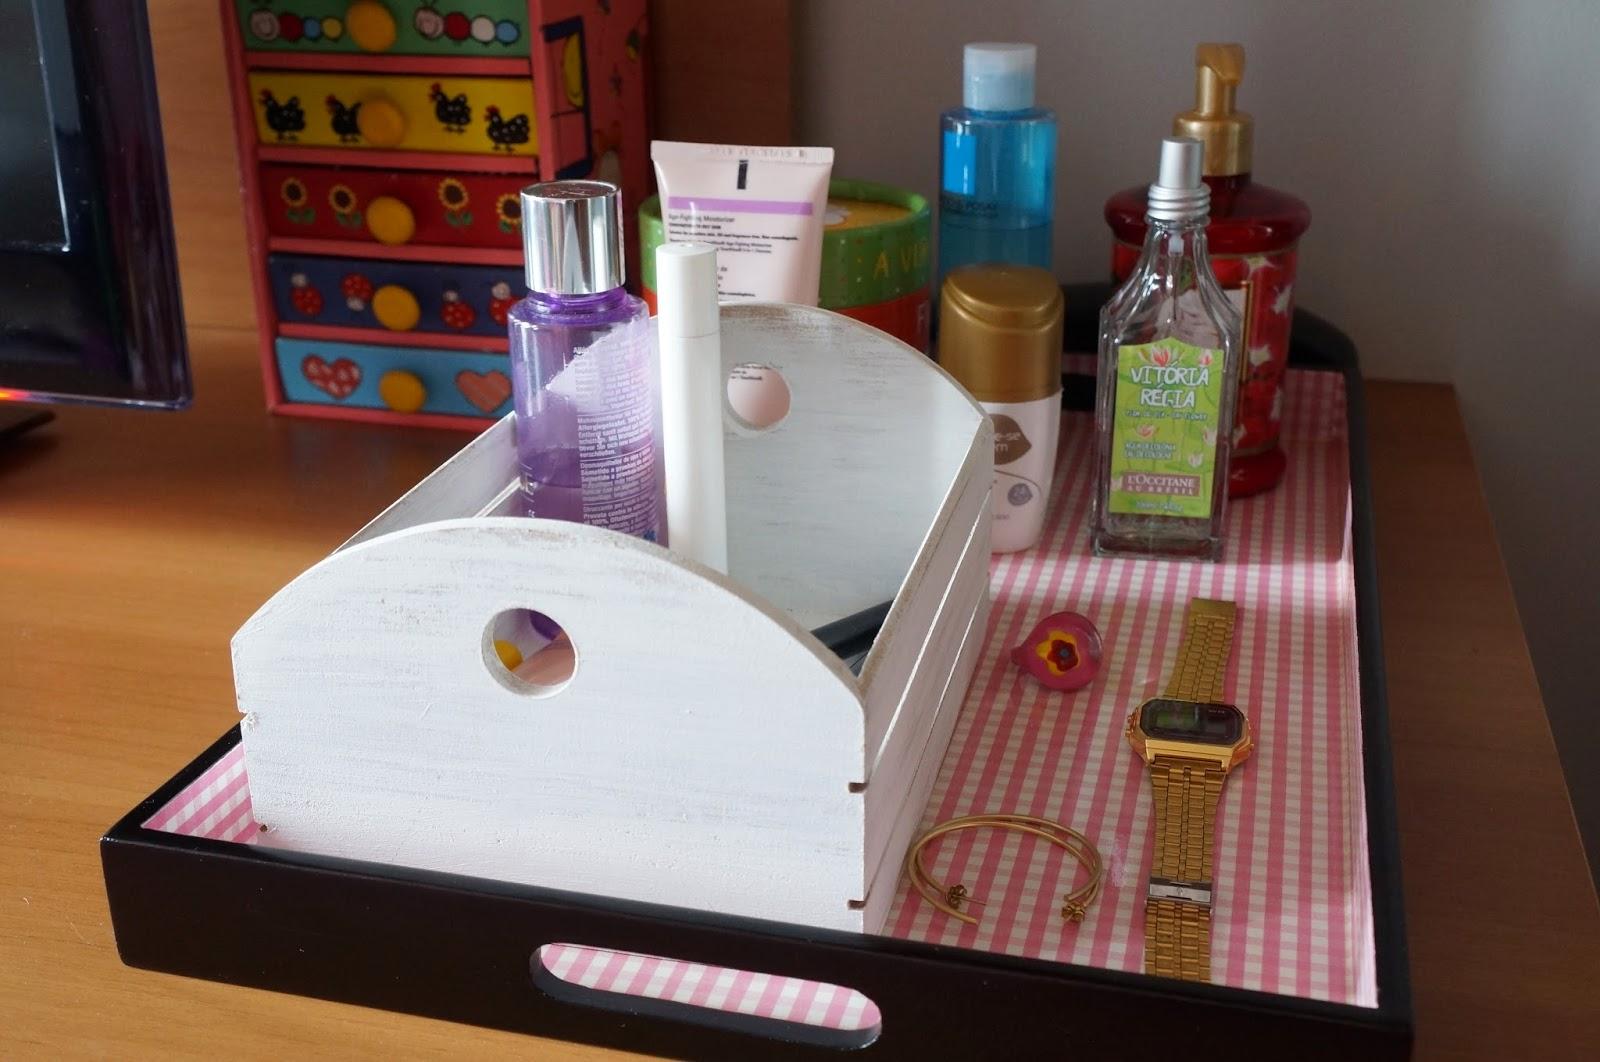 Utilizei a cesta de madeira para armazenar produtos com embalagens pequenas e pincéis de maquiagem